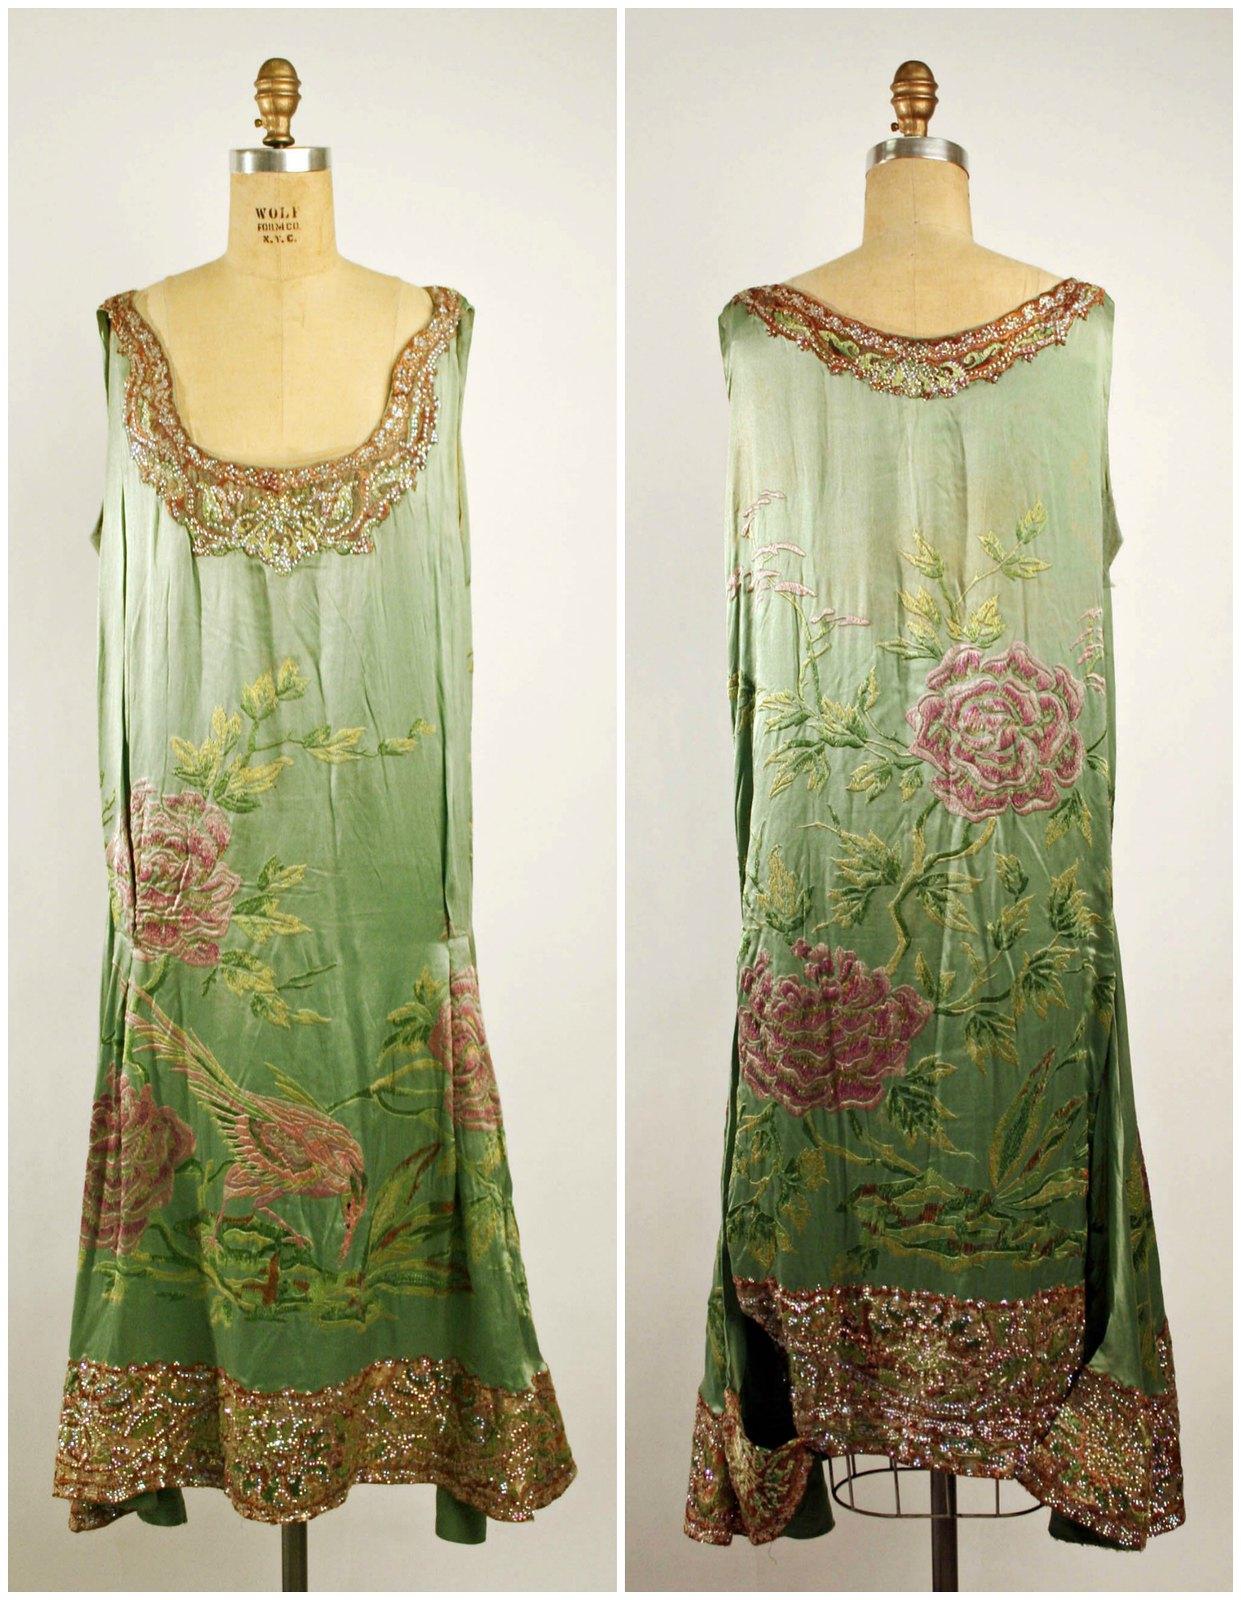 1924. Callor Soeurs. Silk. metmuseum.org